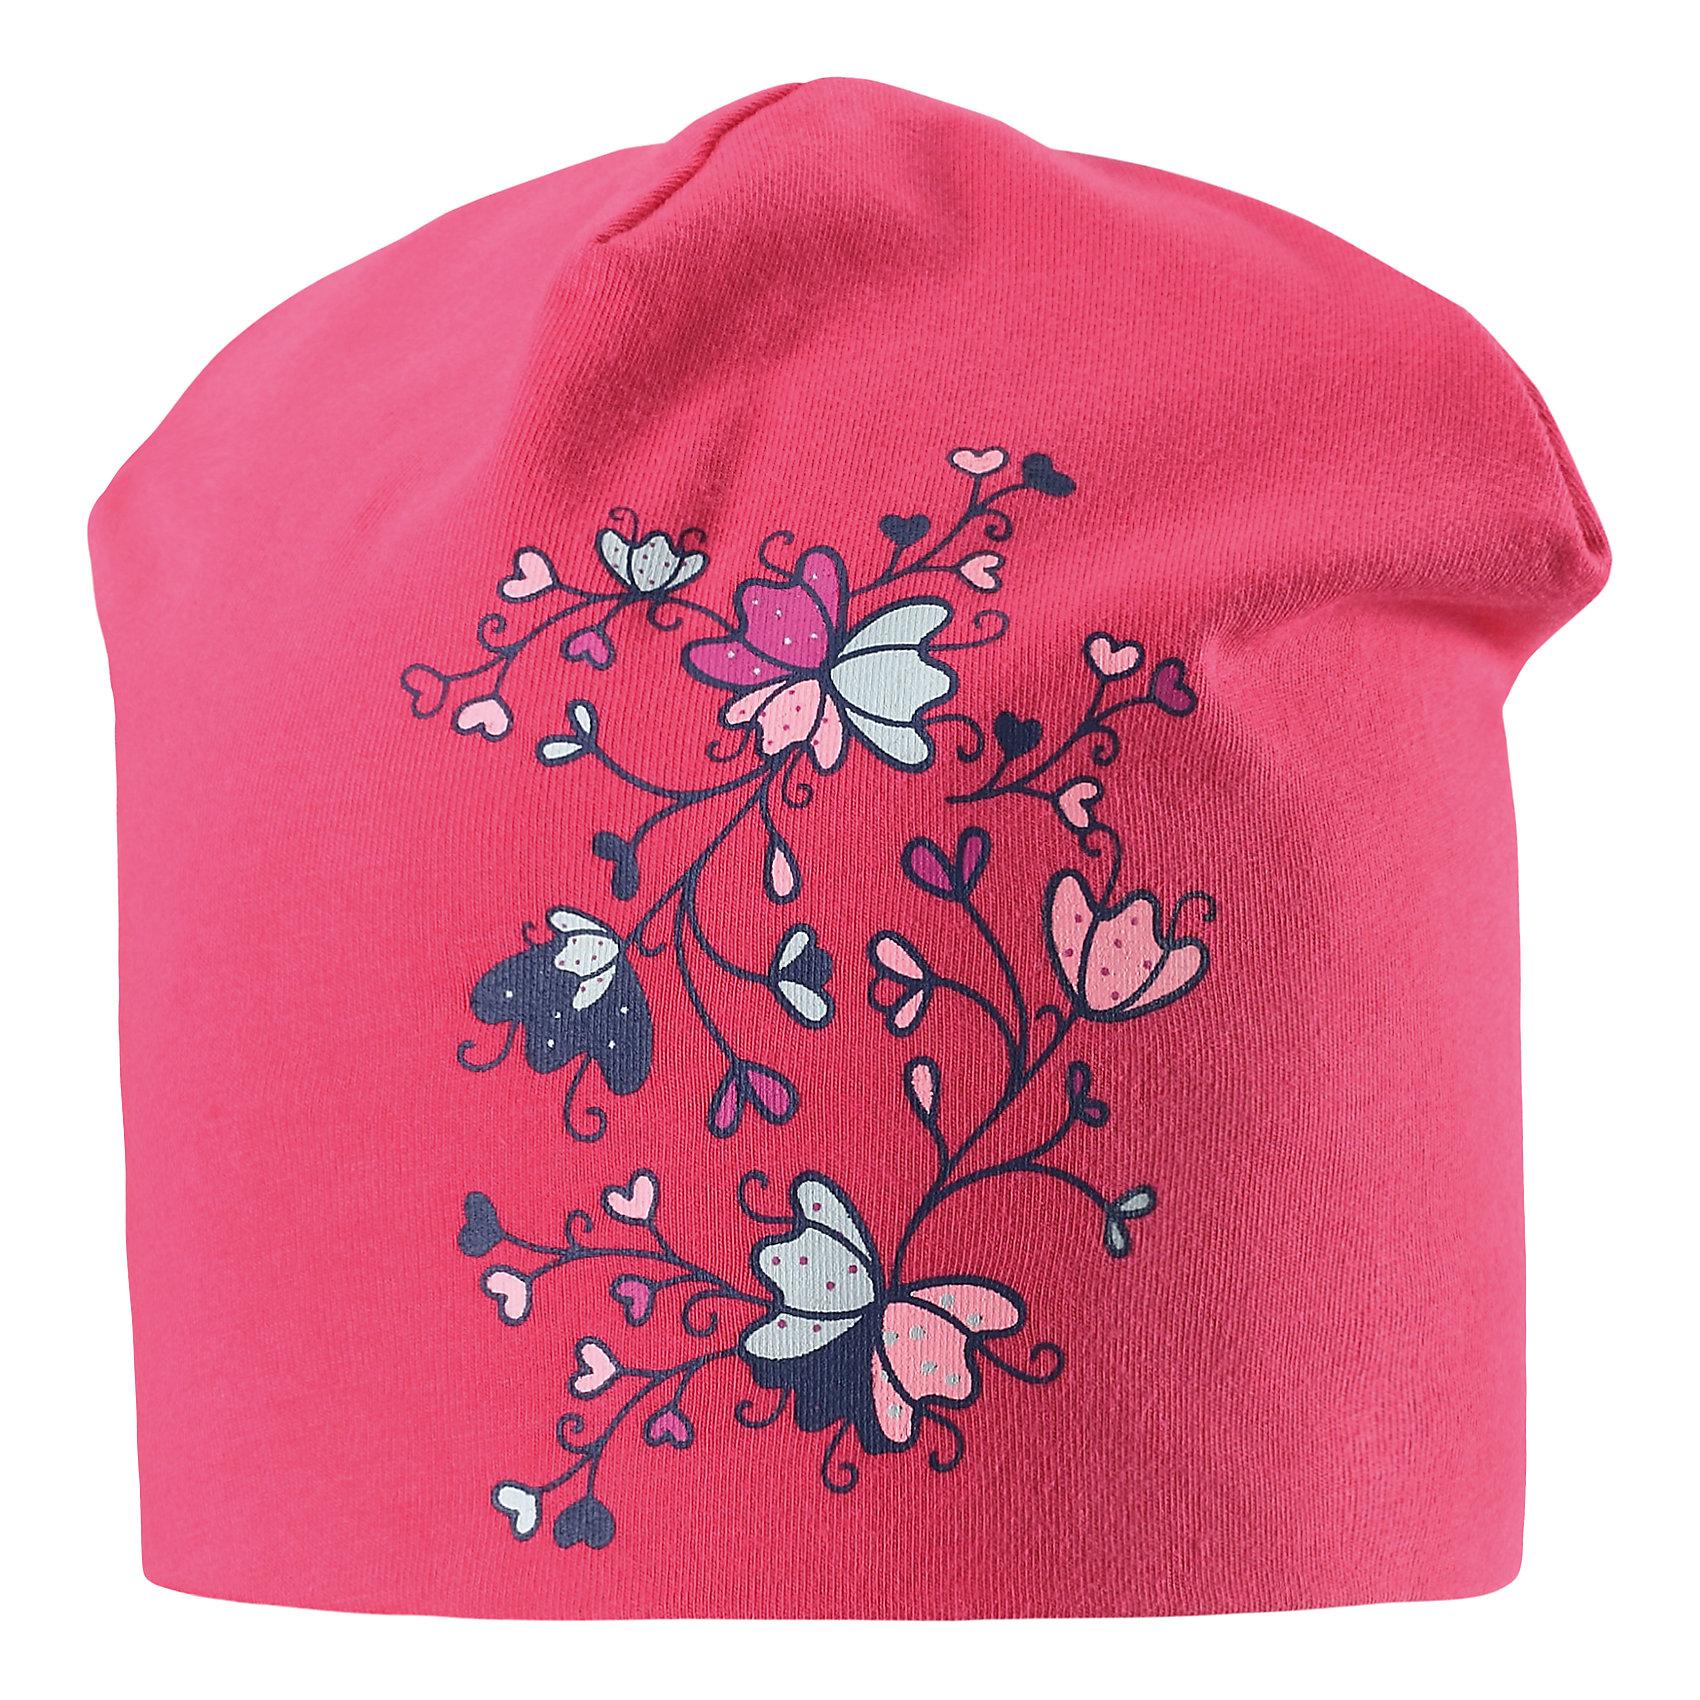 Шапка  для девочки LASSIEШапки и шарфы<br>Характеристики товара:<br><br>• цвет: розовый<br>• температурный режим: от +20°до +5°С<br>• состав: 95% хлопок, 5% эластан<br>• эластичный материал<br>• мягкая сплошная подкладка: смесь хлопка jersey<br>• принт<br>• комфортная посадка<br>• страна производства: Китай<br>• страна бренда: Финляндия<br>• коллекция: весна-лето 2017<br><br>Детский головной убор может быть модным и удобным одновременно! Стильная шапка поможет обеспечить ребенку комфорт и дополнить наряд. Она отлично смотрится с различной одеждой. Шапка удобно сидит и аккуратно выглядит. Проста в уходе, долго служит. Продуманный крой разрабатывался специально для детей.<br><br>Обувь и одежда от финского бренда LASSIE пользуются популярностью во многих странах. Они стильные, качественные и удобные. Для производства продукции используются только безопасные, проверенные материалы и фурнитура. Порадуйте ребенка модными и красивыми вещами от Lassie®! <br><br>Шапку для девочки от финского бренда LASSIE можно купить в нашем интернет-магазине.<br><br>Ширина мм: 89<br>Глубина мм: 117<br>Высота мм: 44<br>Вес г: 155<br>Цвет: розовый<br>Возраст от месяцев: 36<br>Возраст до месяцев: 60<br>Пол: Женский<br>Возраст: Детский<br>Размер: 50-52,46-48,54-56<br>SKU: 5264183